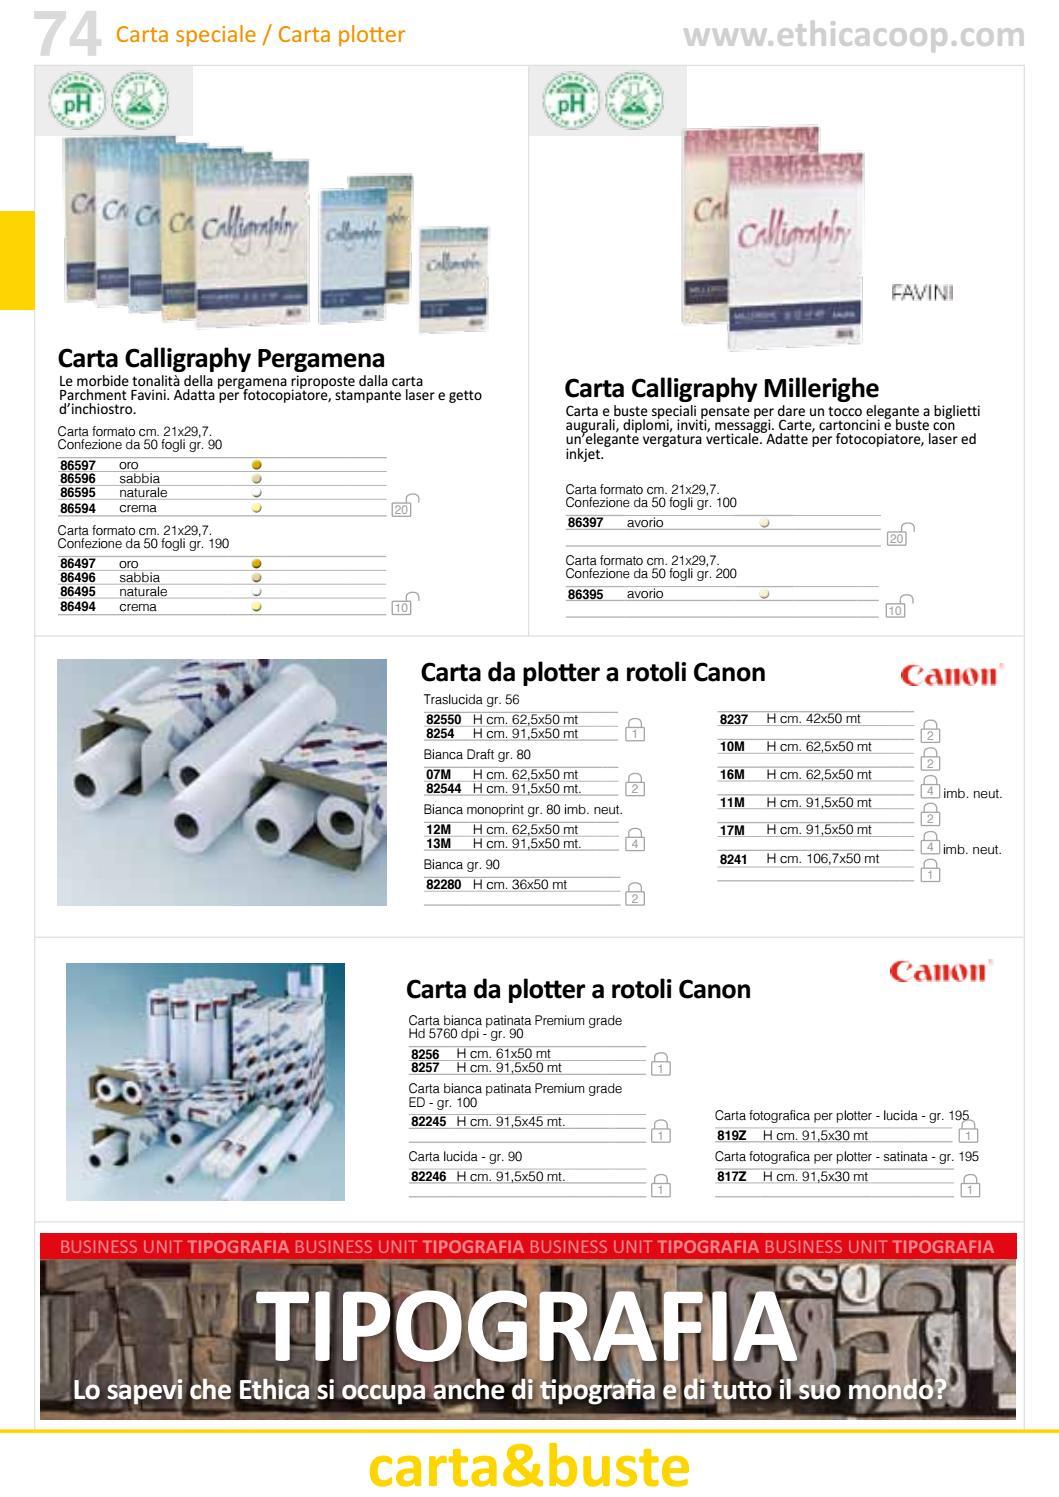 2 Cesto ruolo ruolo adatta per Bosch Neff Siemens 00165314 Lavastoviglie Cesto #23